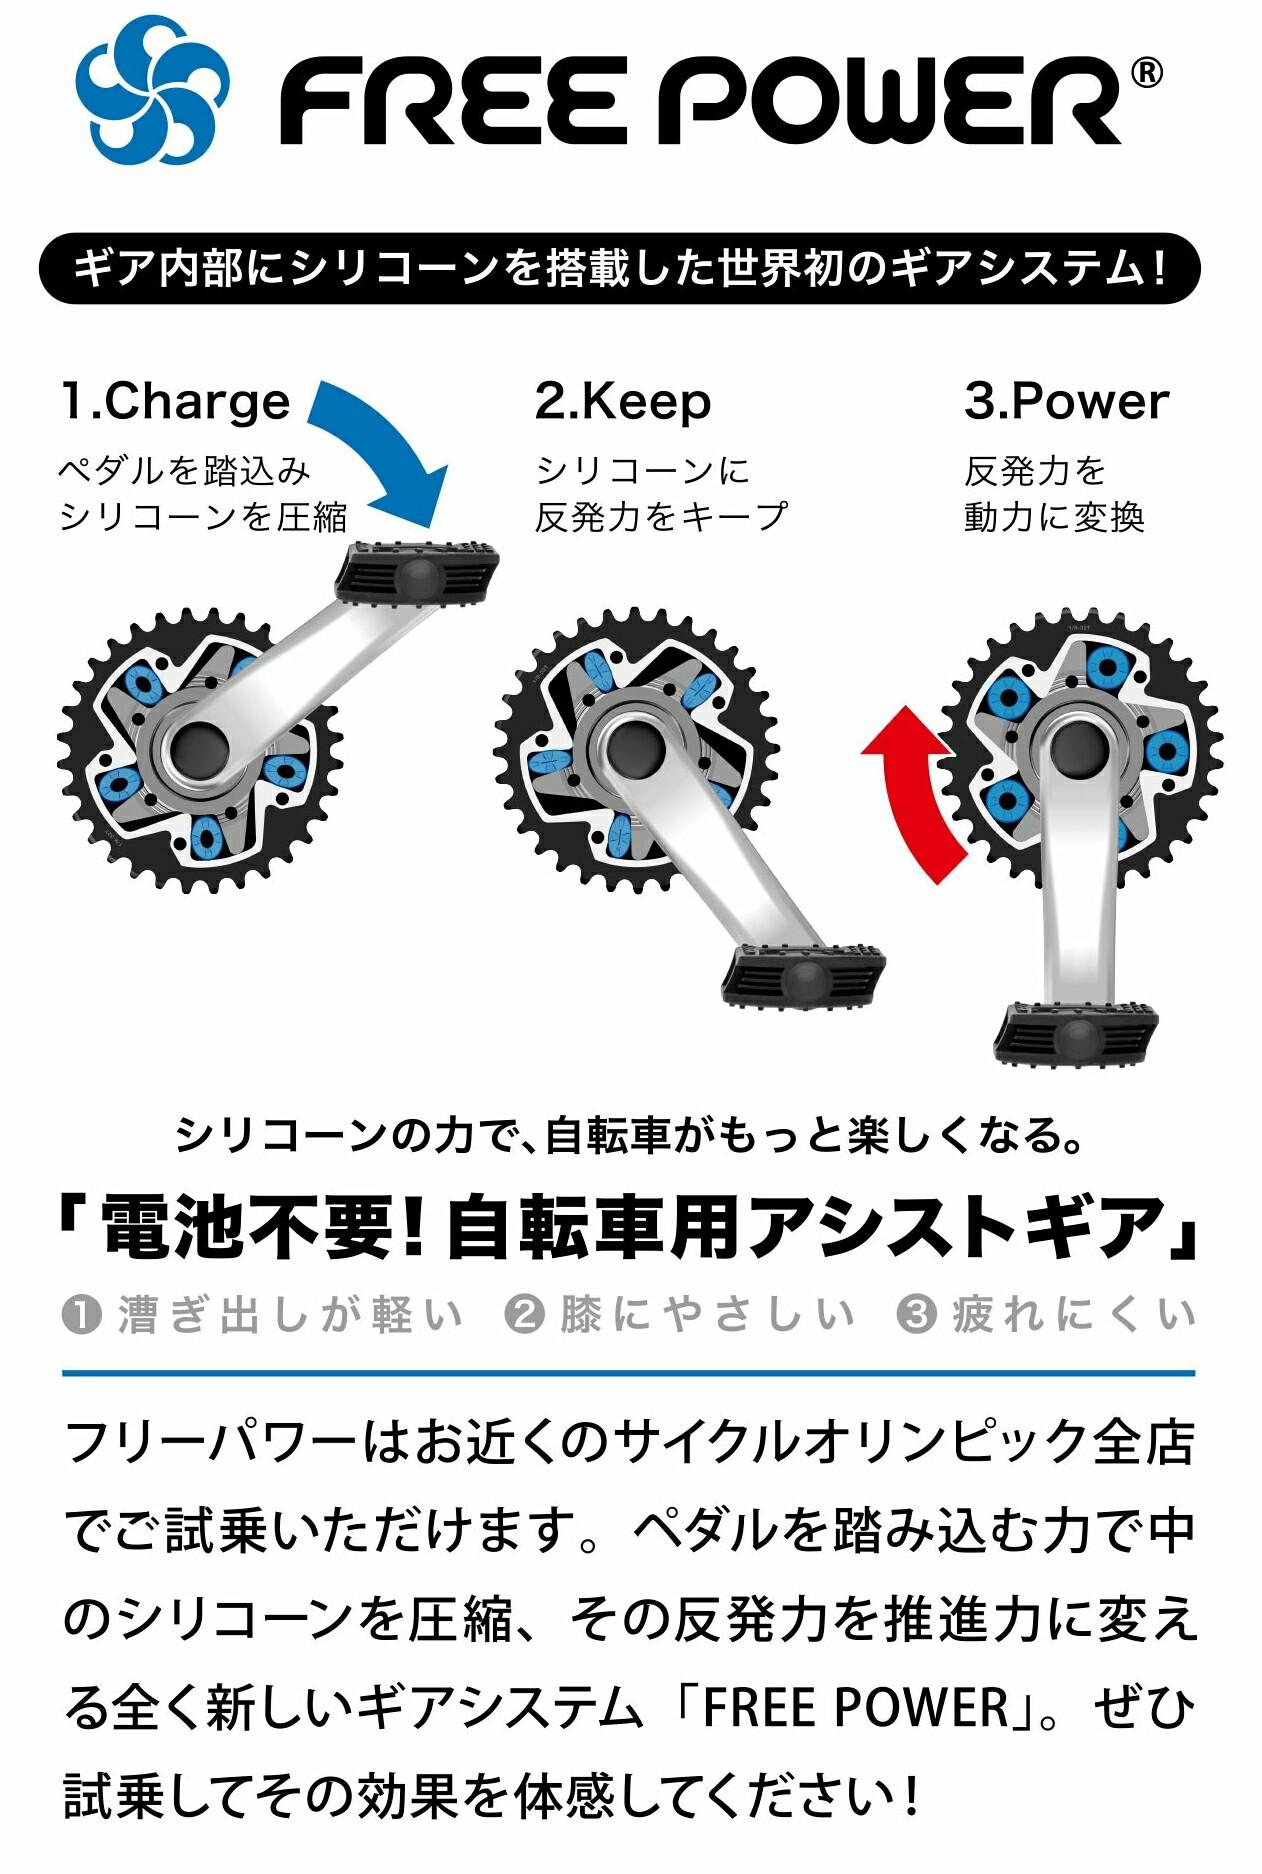 自転車 あさひ パワー 🤲フリー FREE POWER(フリーパワー)は「あさひ」や「アマゾン」など通販で買える?